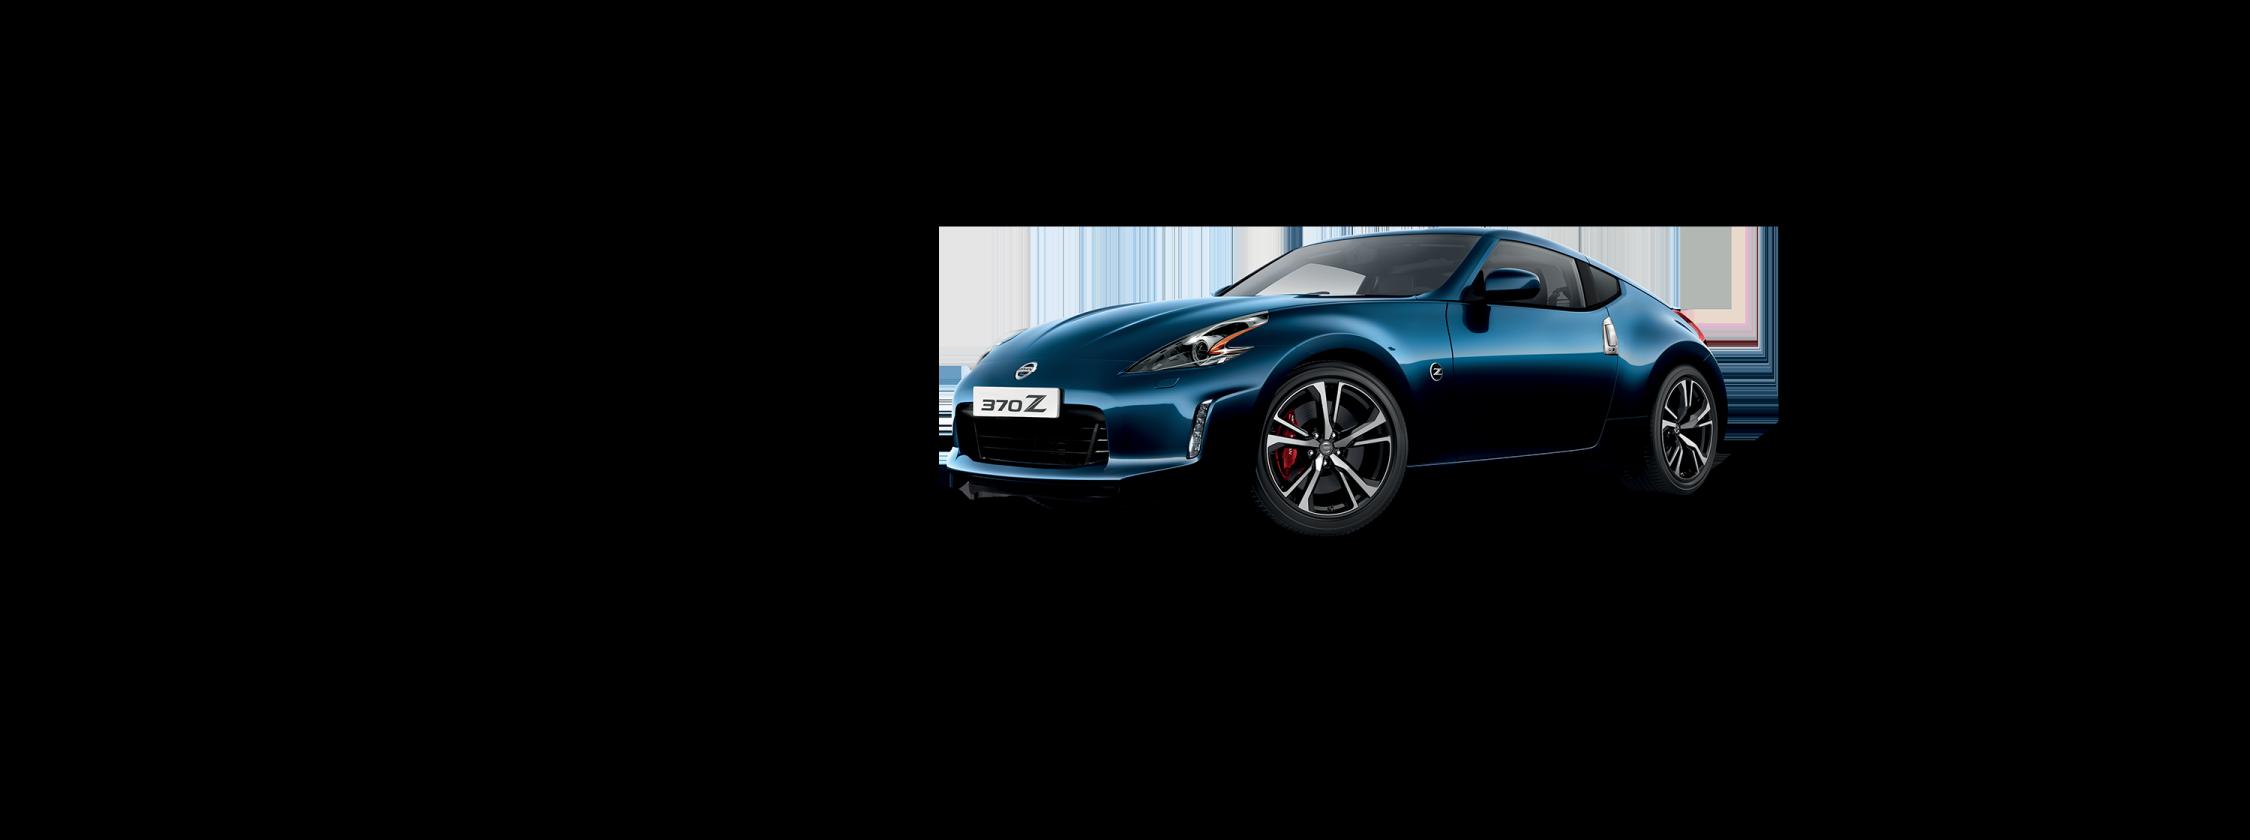 dc7e14e12b87 Nissan 370Z - Voiture coupé sport   Nissan